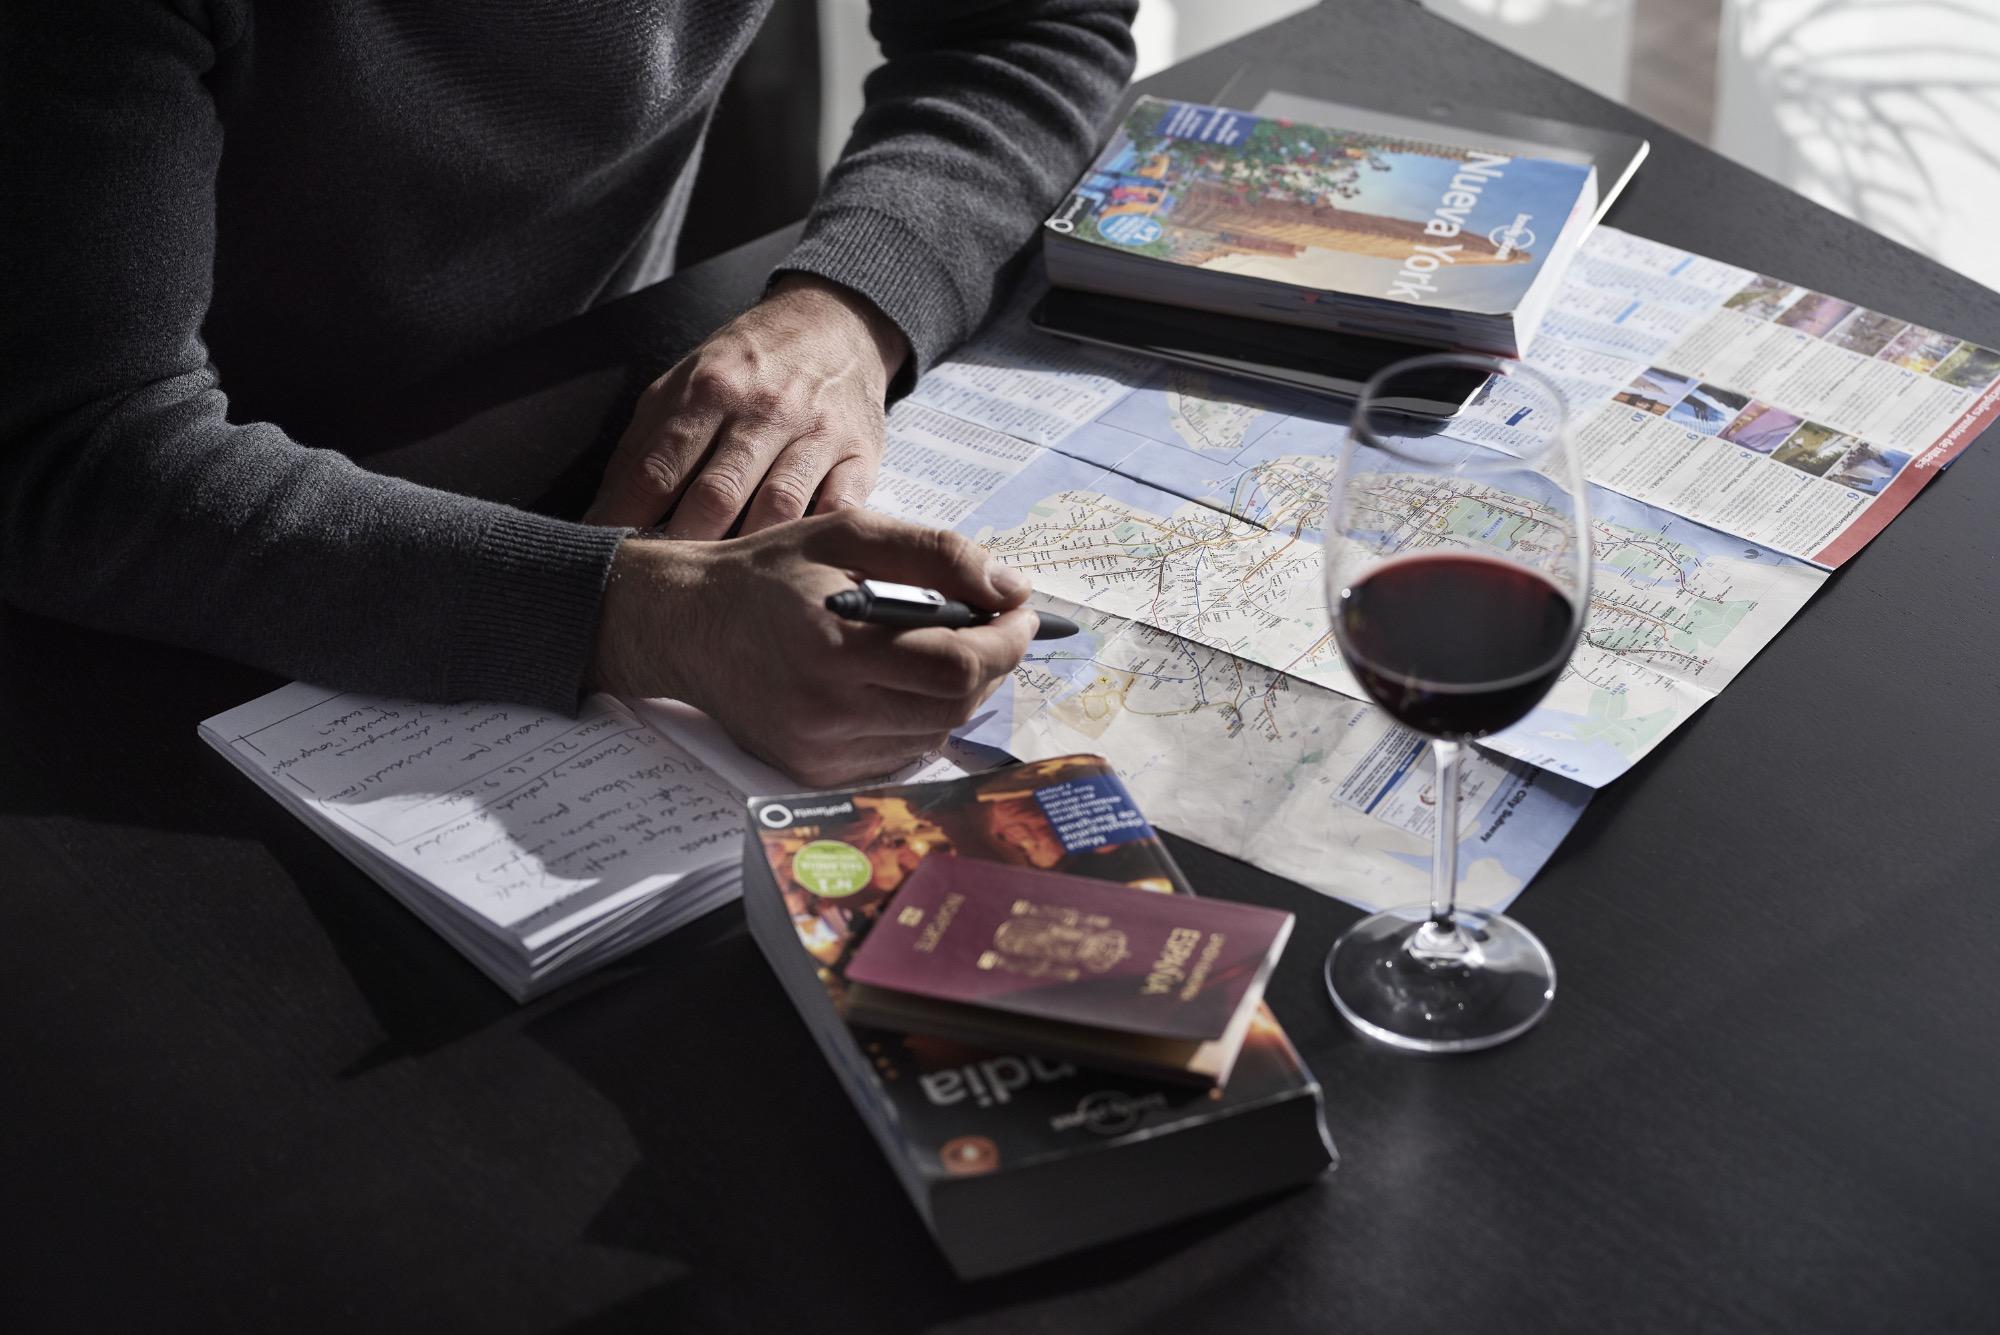 Wanderlust & Martelism: Four alternative ways to travel